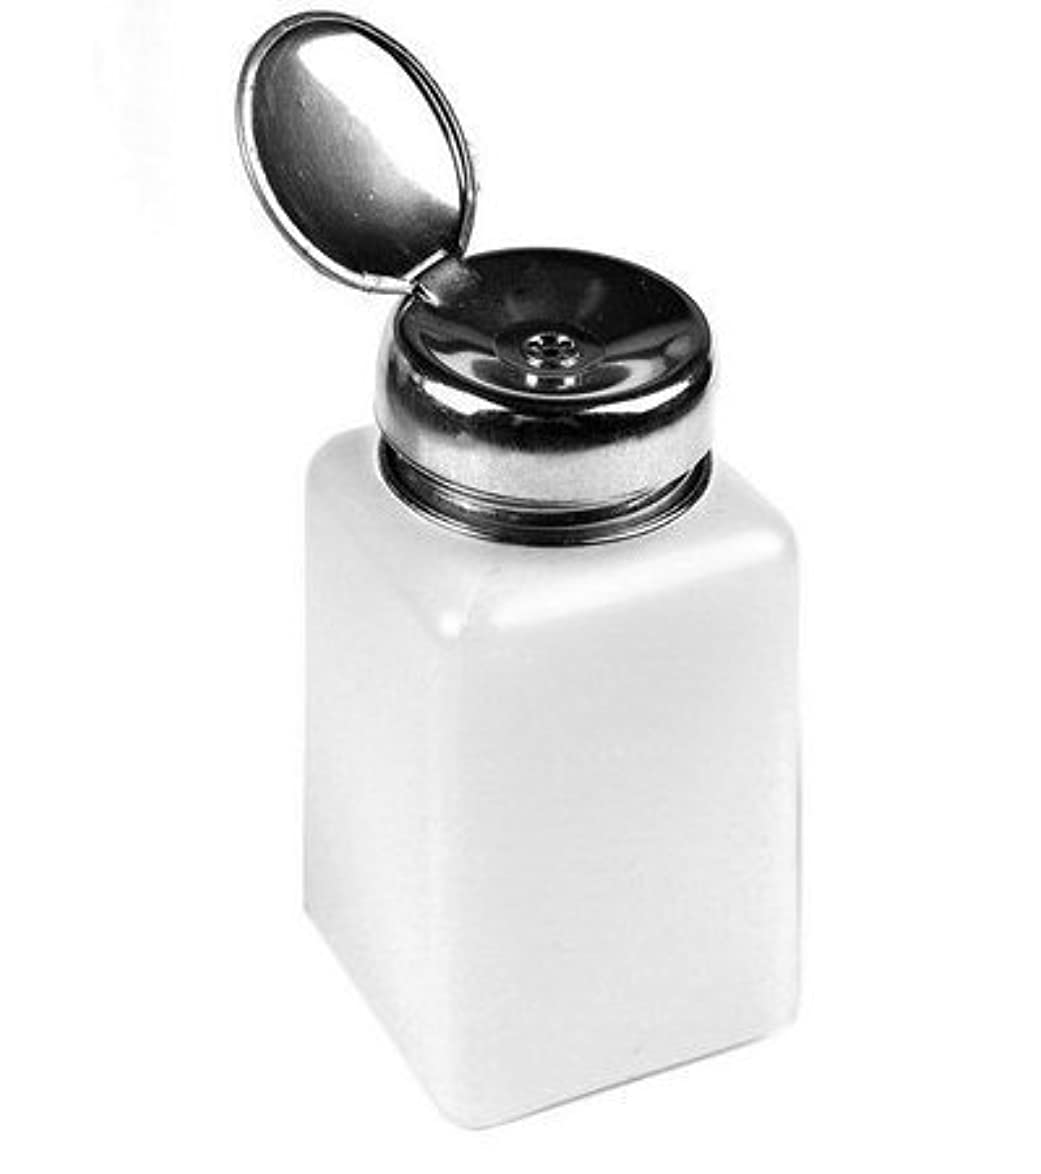 ピット底宮殿ネイルアートポリッシュリムーバー用100MLポンプディスペンサーボトル